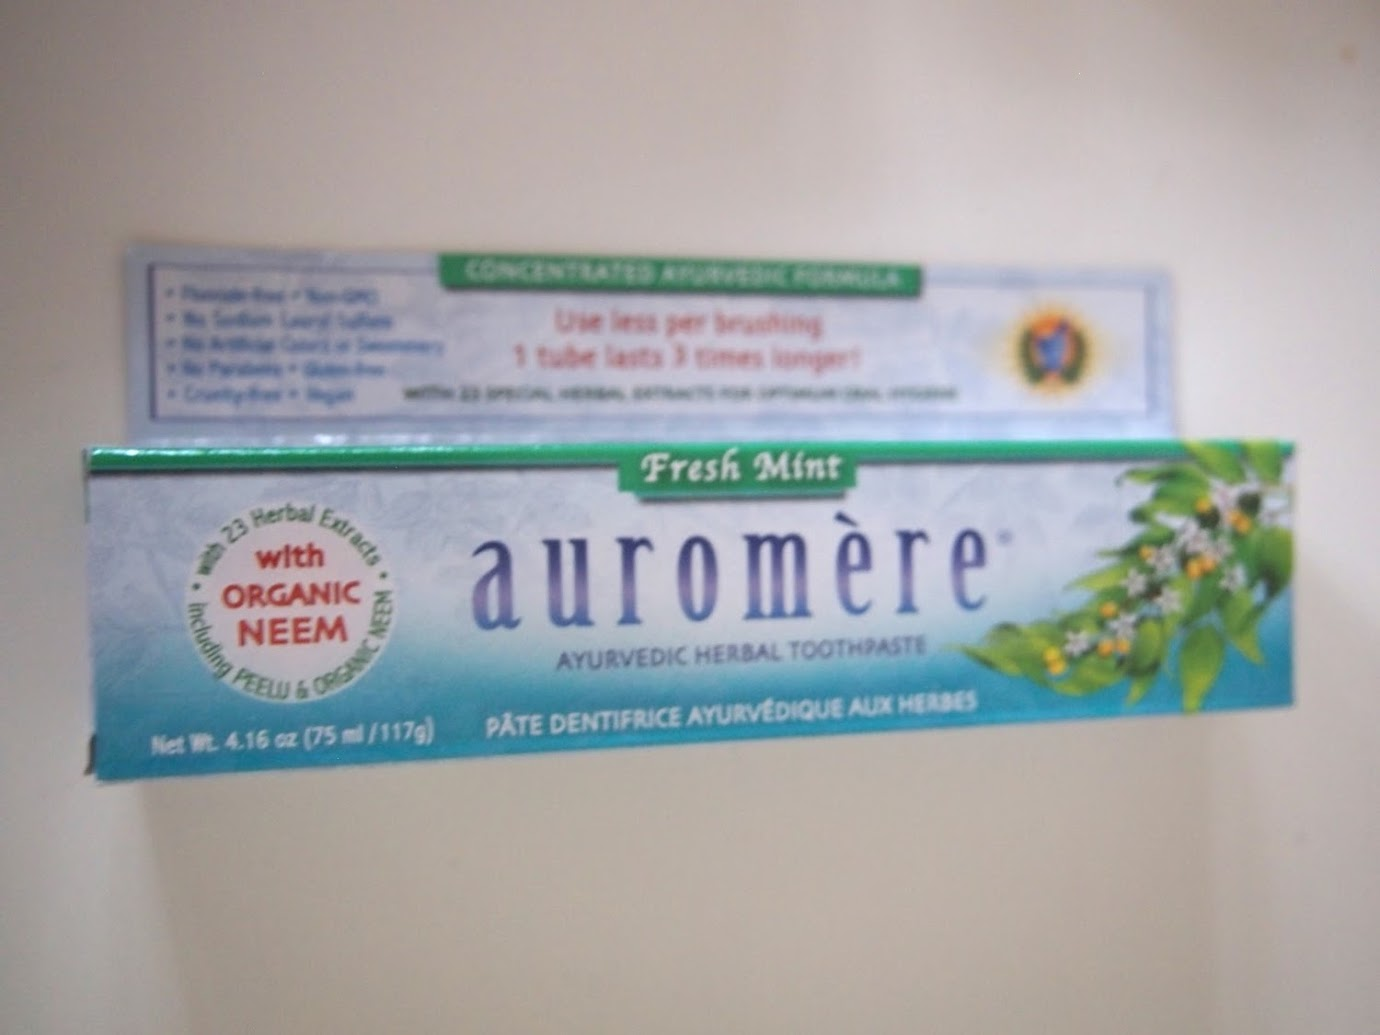 Auromere, アーユルヴェーダのハーブ練り歯磨き, フレッシュミント, 4.16オンス(117 g)